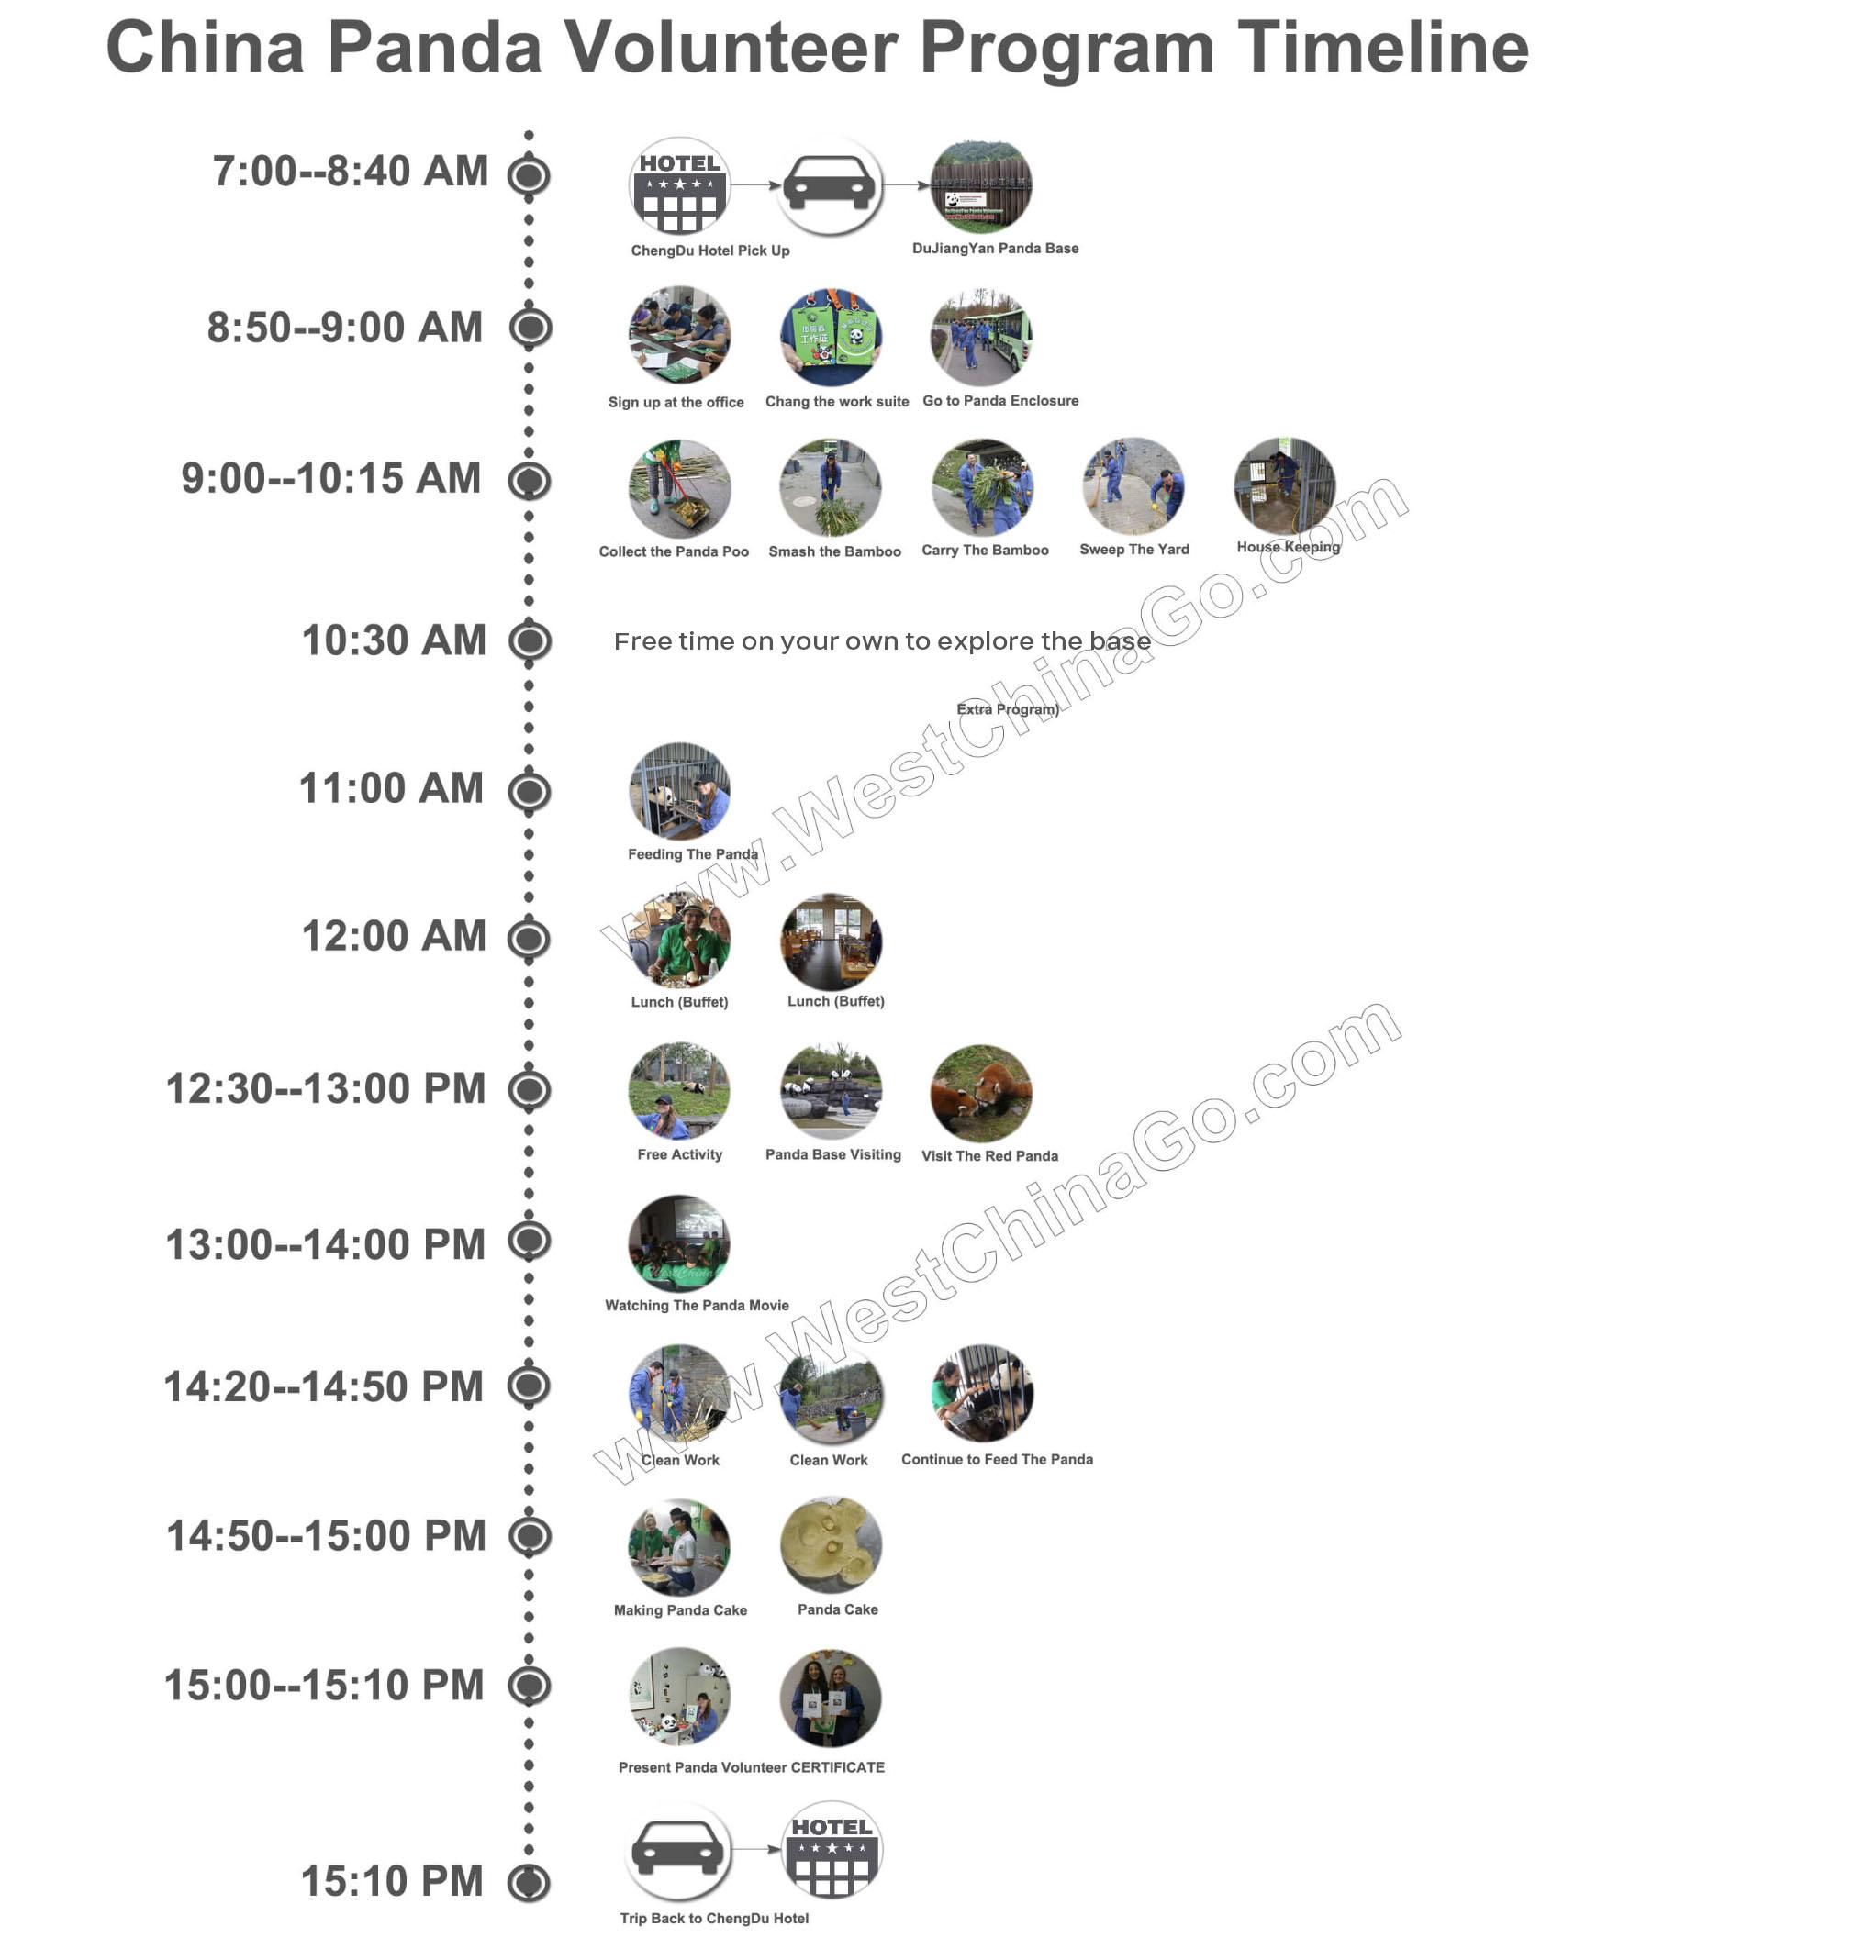 Dujiangyan Panda Volunteer Timeline 2021